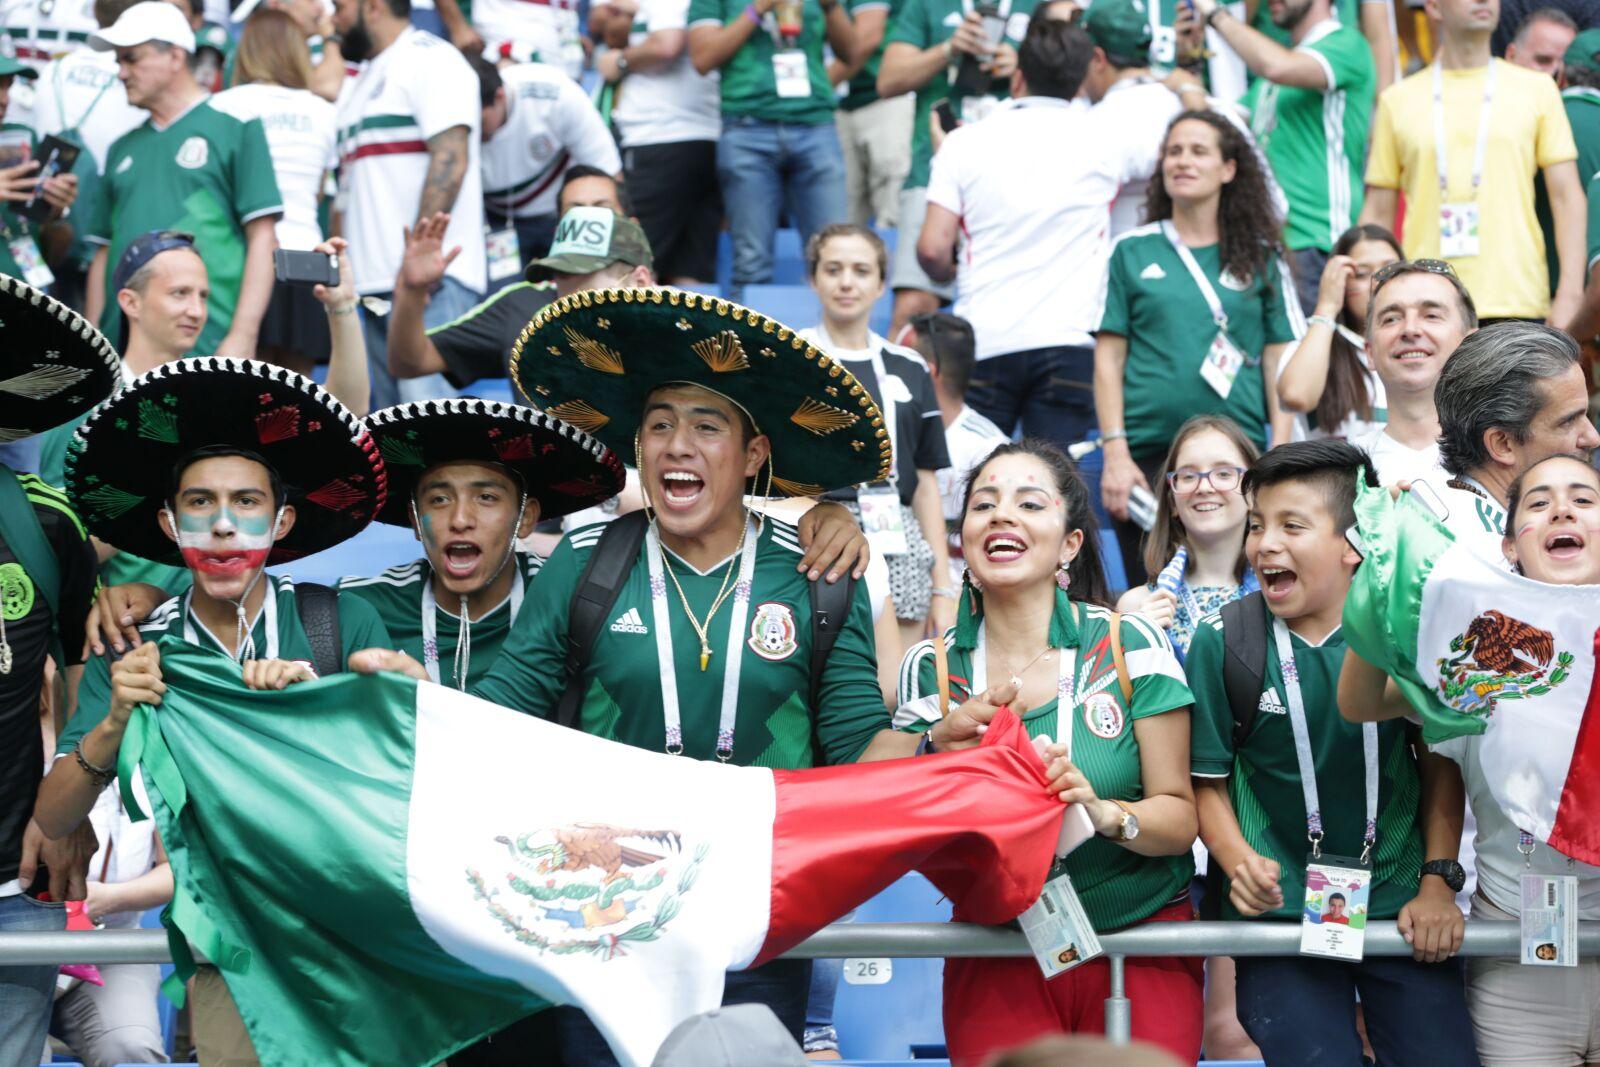 La afición mexicana apoyando a los seleccionados nacionales